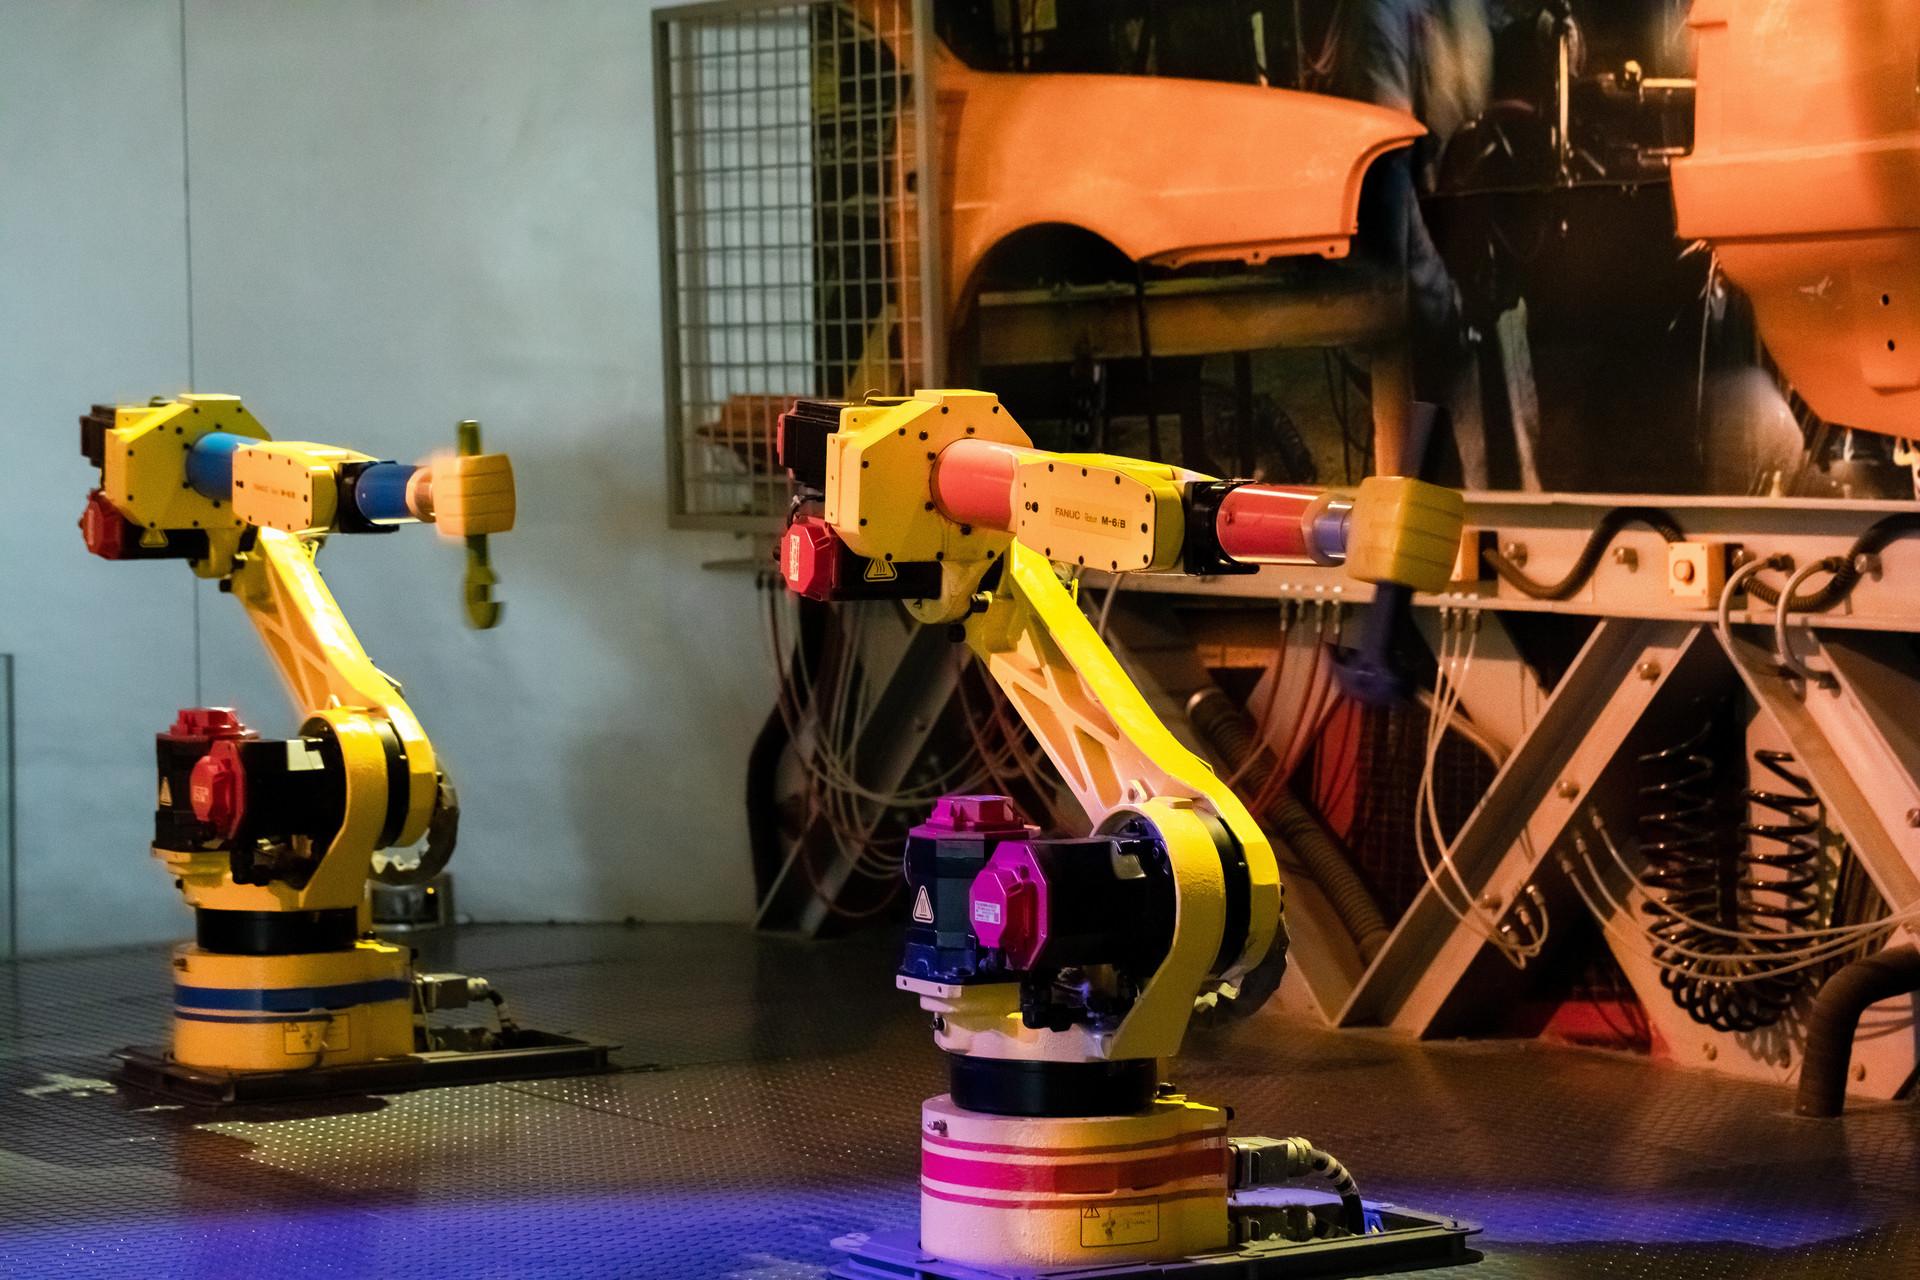 2018年中国市场工业机器人销量出现首次下滑,自主品牌机器人销售保持稳定增长